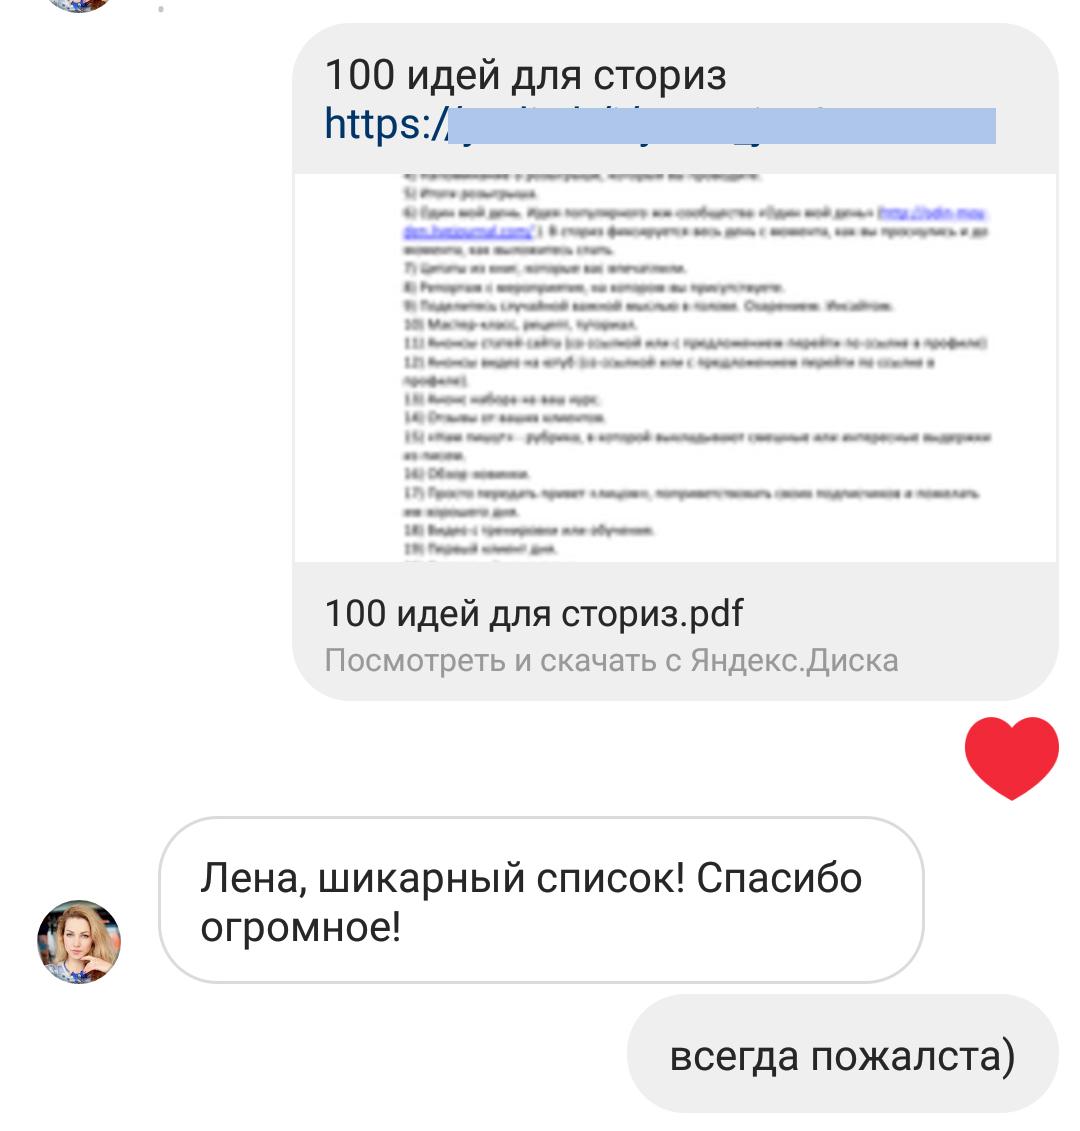 100 идей для сториз | naoblakax.ru